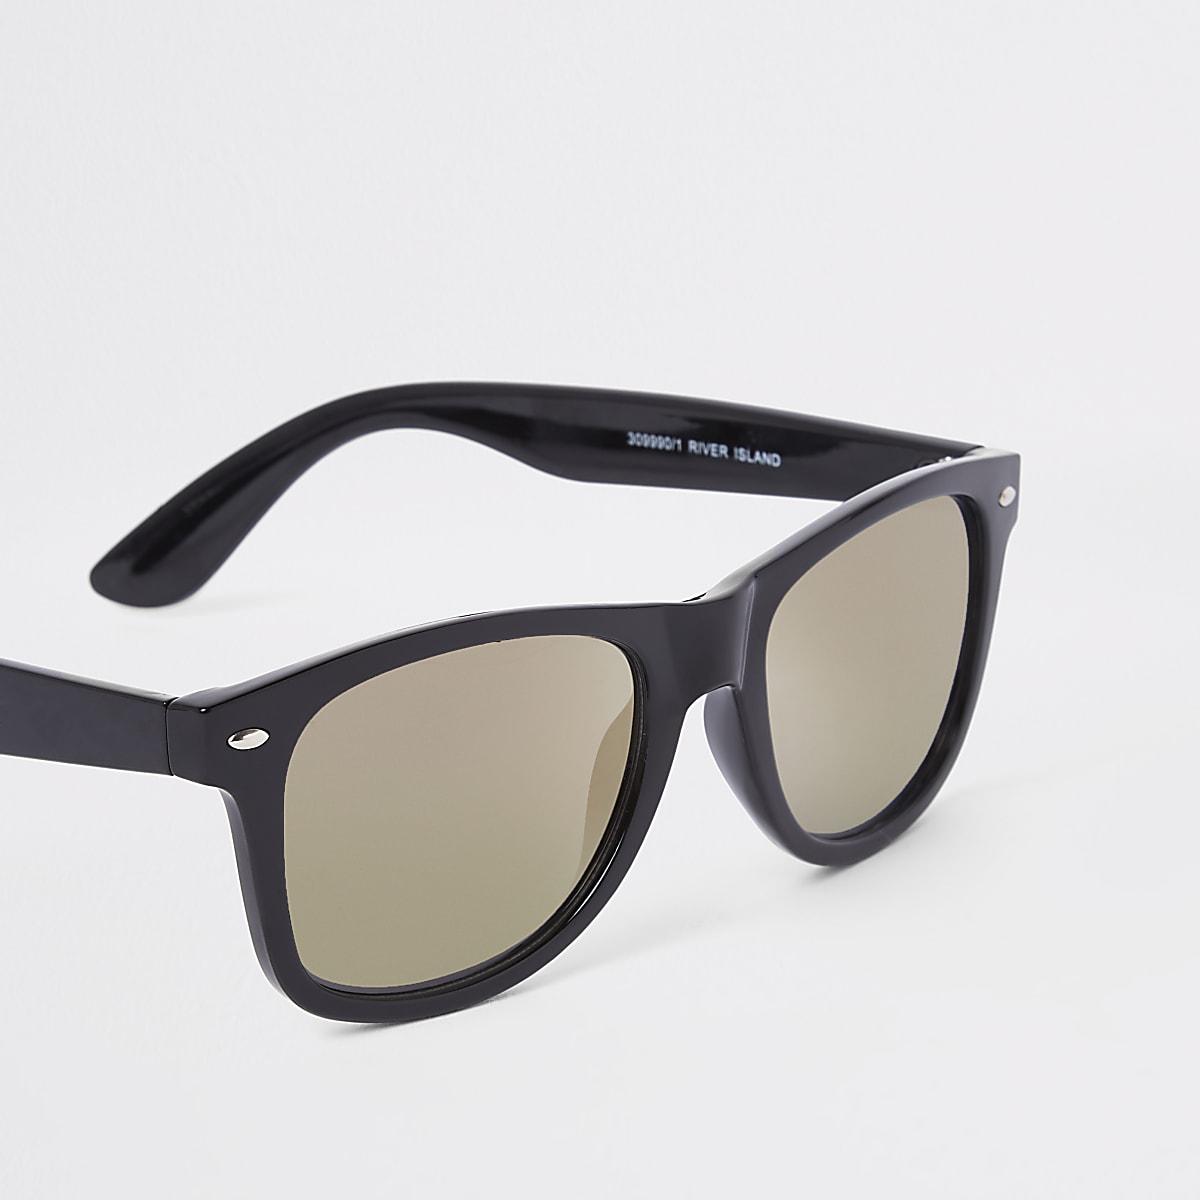 Gold Square Sunglasses Lens Retro Smoke Black QdeEoBWrCx